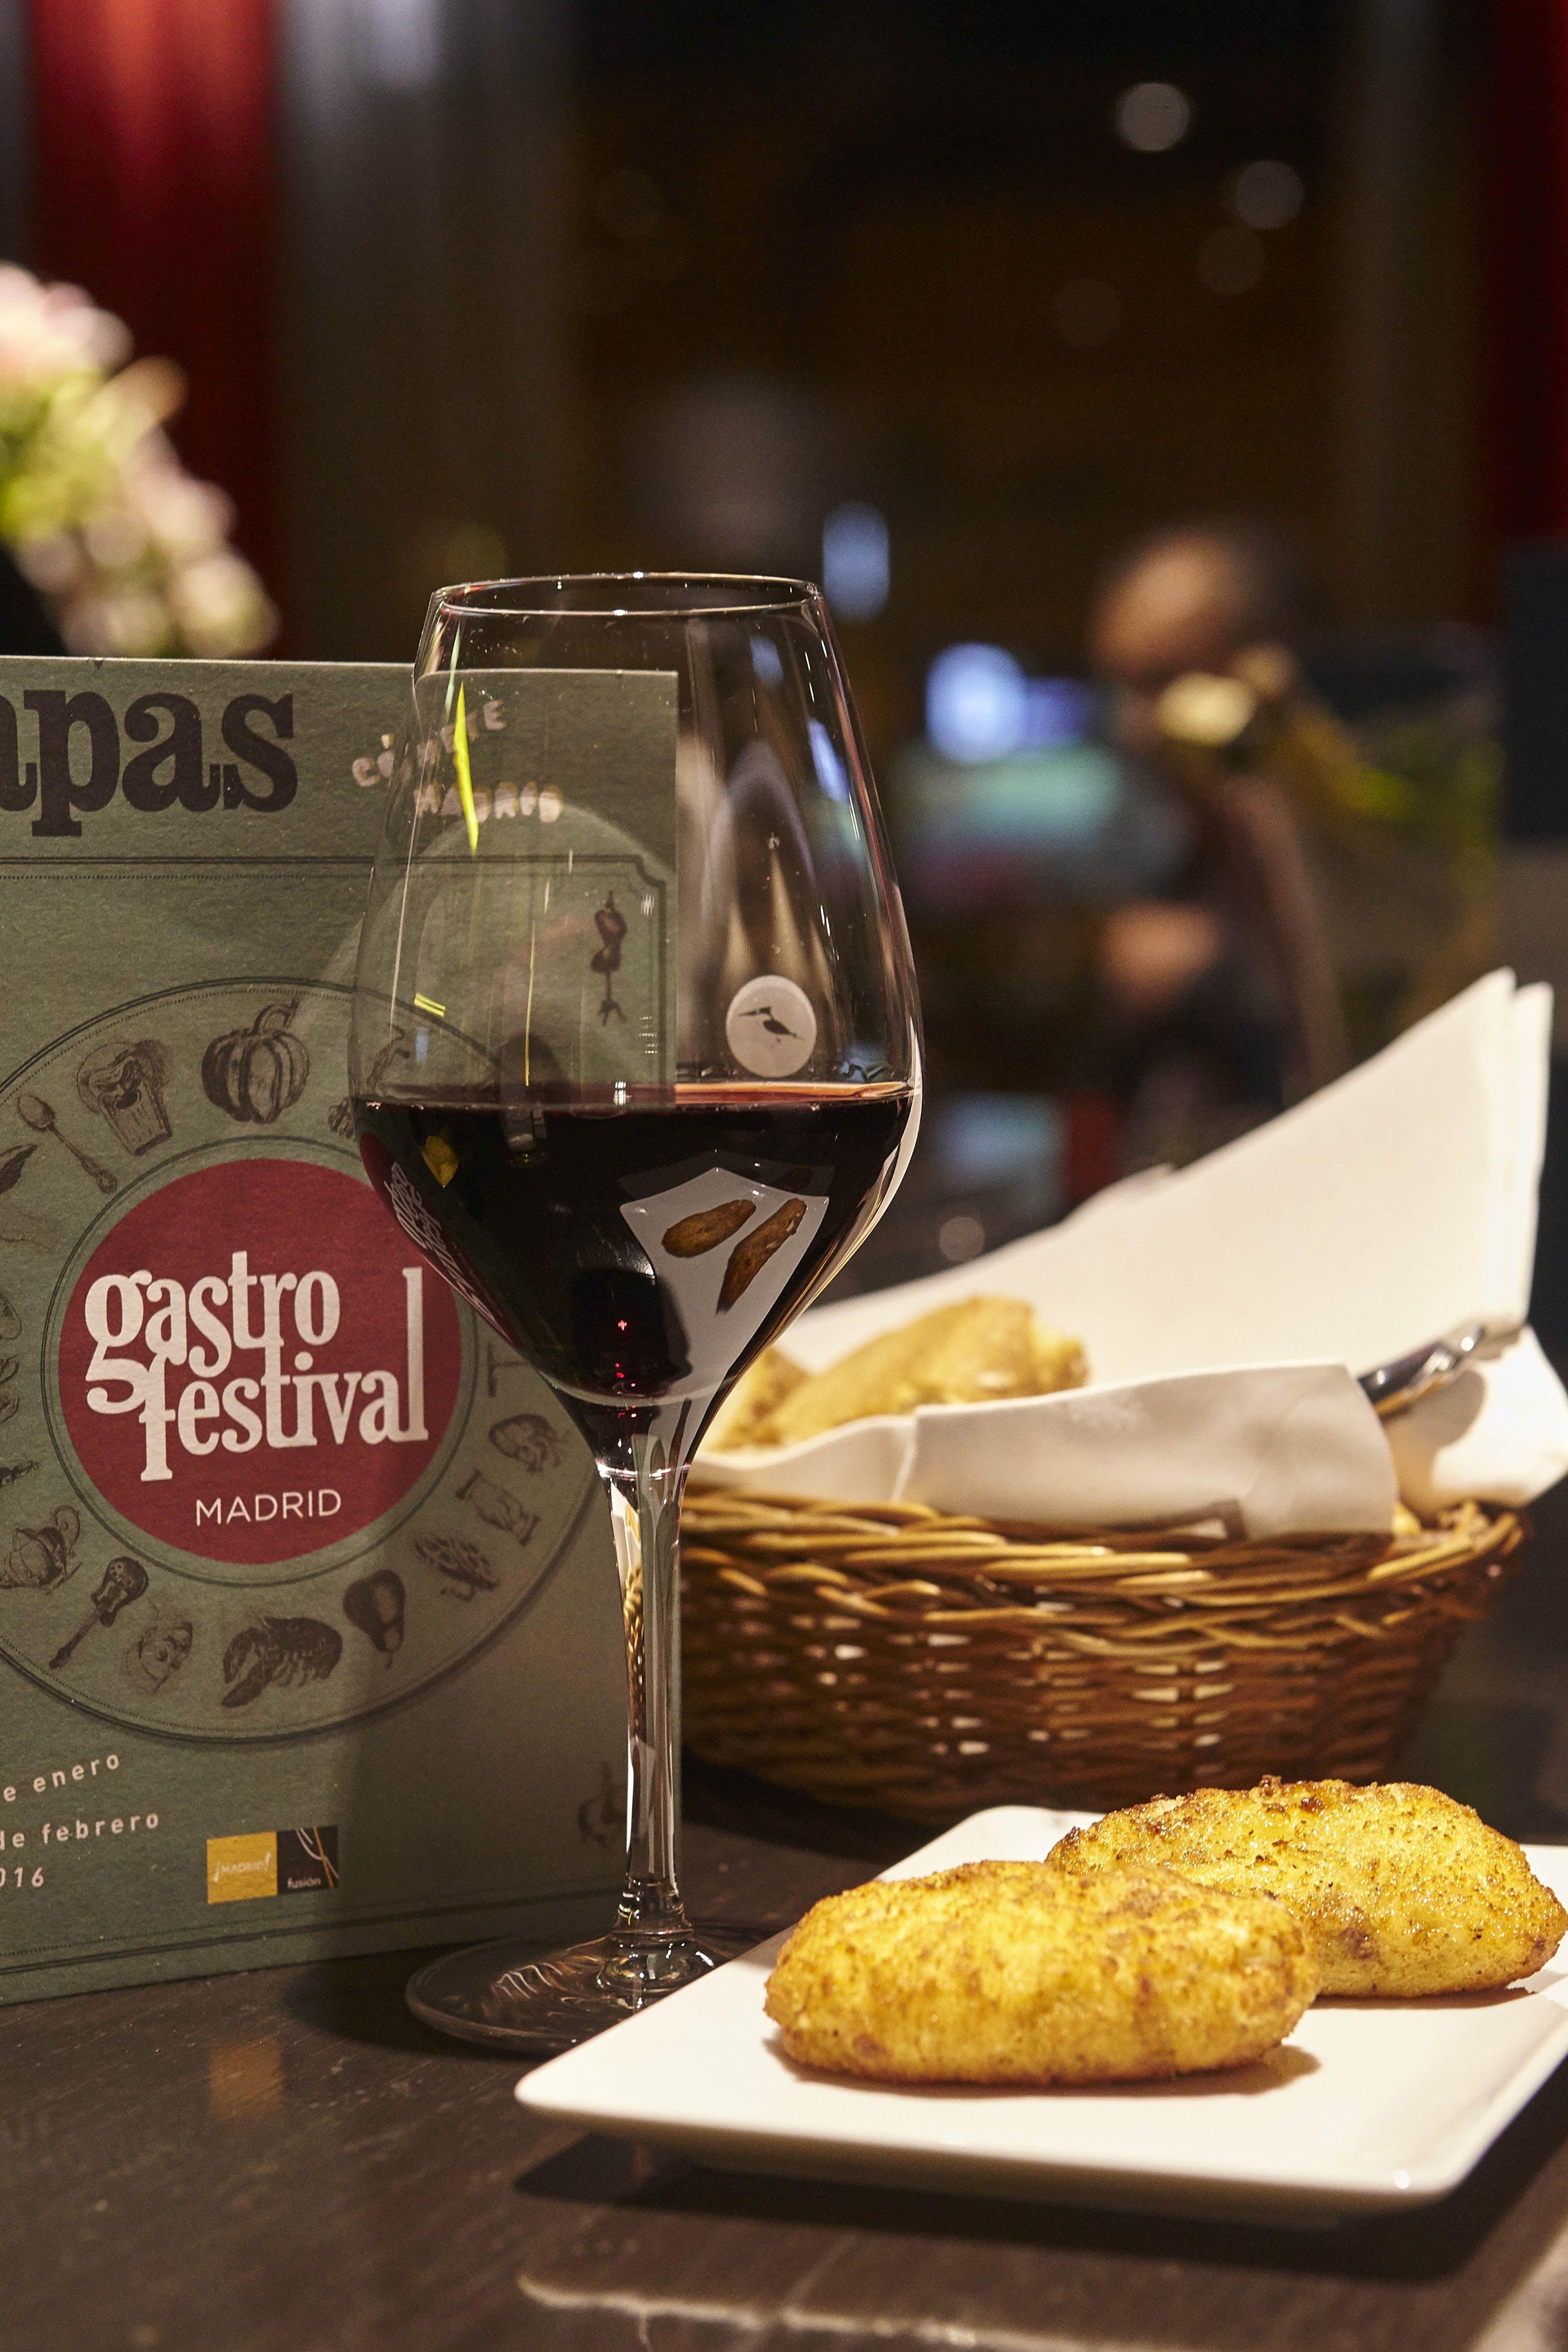 Nuestras barras favoritas con un Rioja: vino de Rioja + tapa por 6€ durante #Gastrofestival http://www.gastrofestivalmadrid.com/ (foto: Javier Peñas)